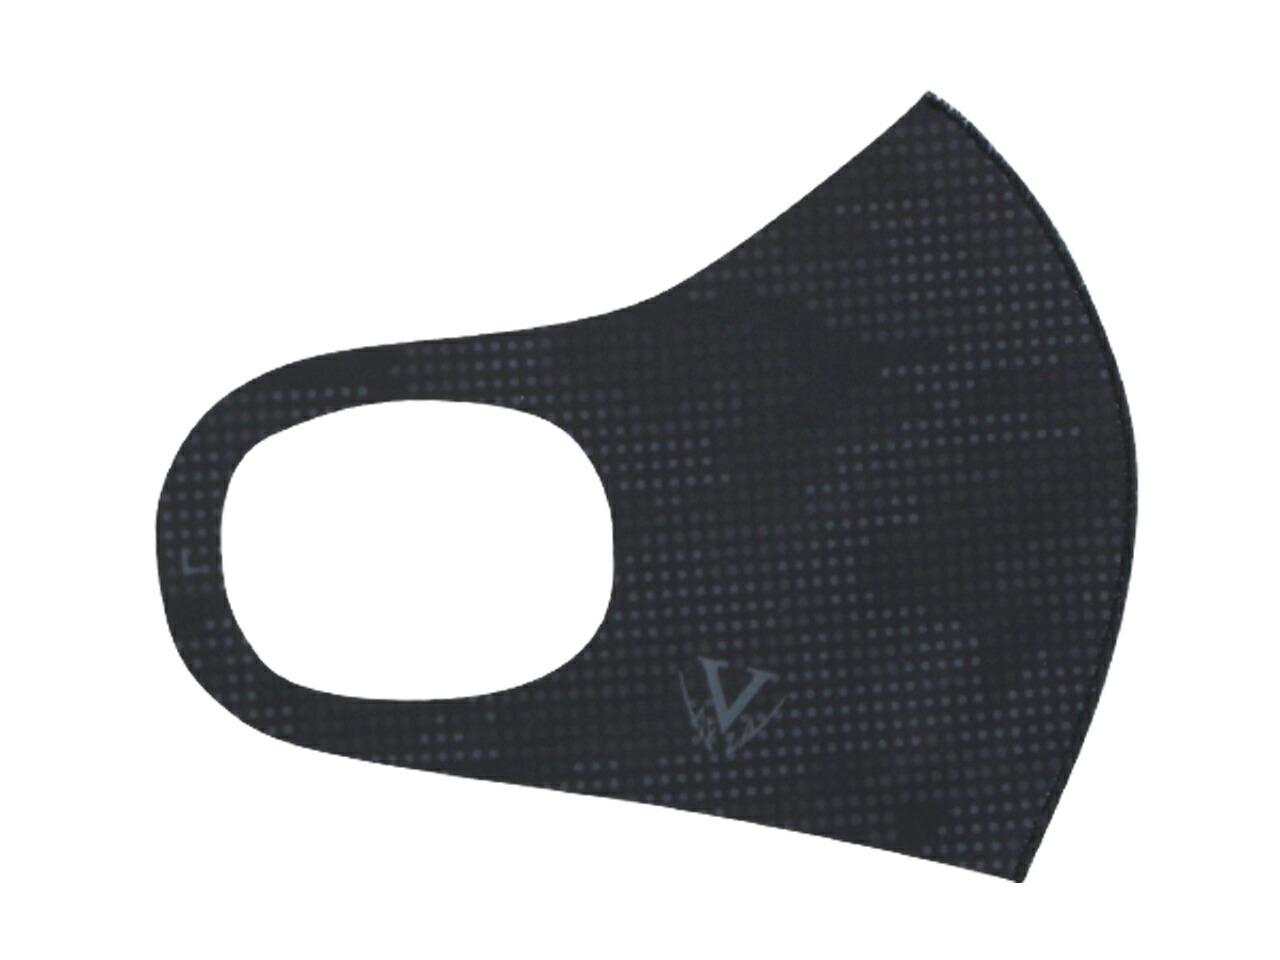 ドットカモフラージュマスク 売買 ライト メーカー直売 _2枚入り - OL BLK ブラック